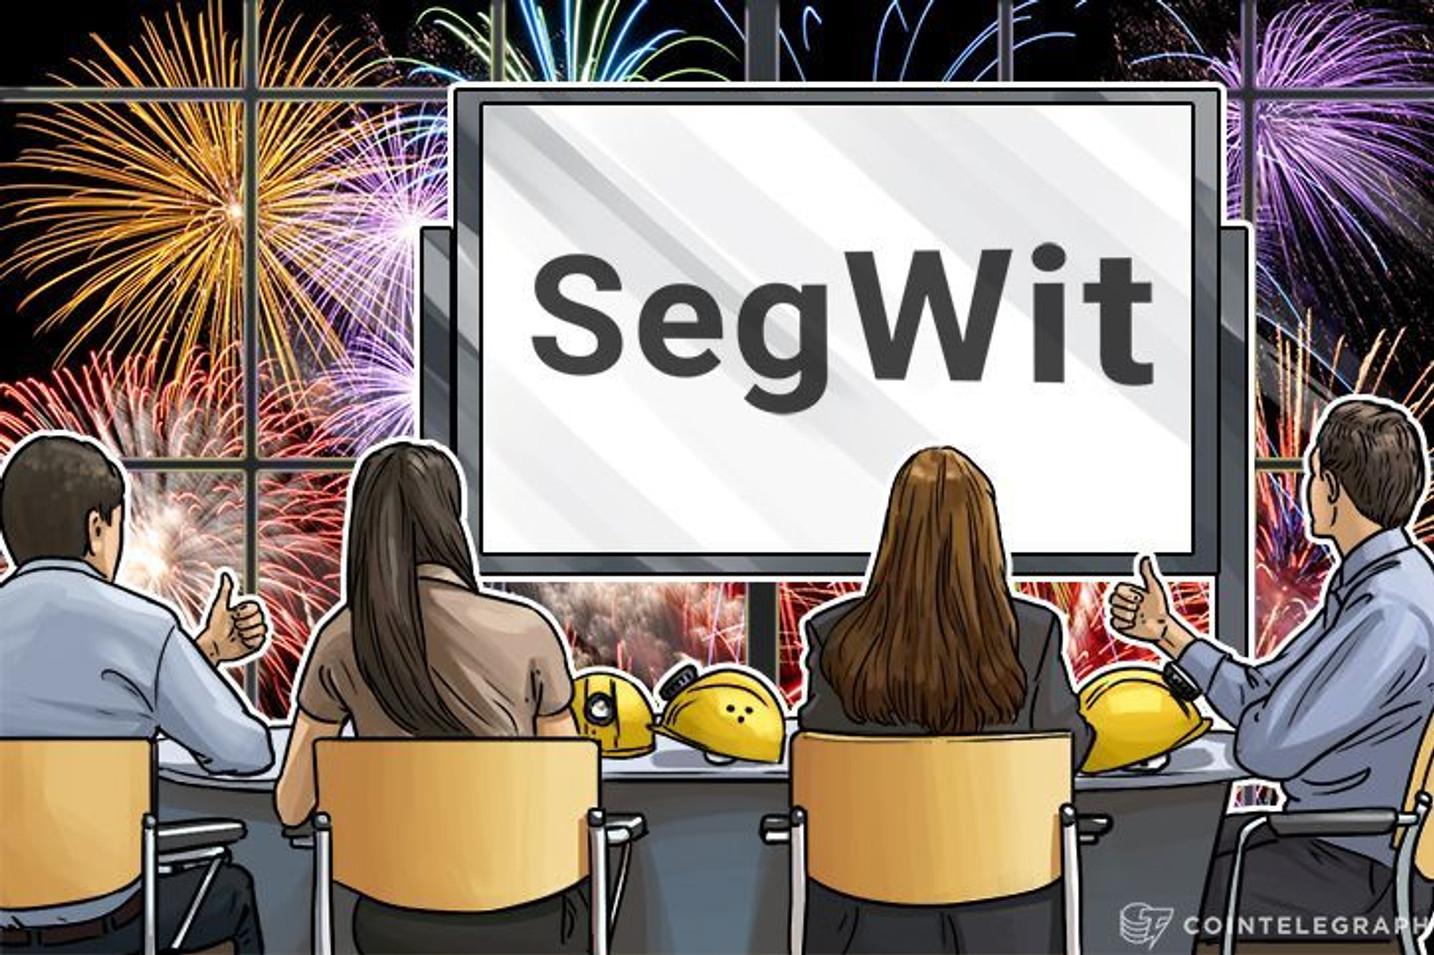 Bitcoin:Segwitが有効化。Max Keiser氏はBitcoinの仮予想価格を10,000ドル(8/25時点、約110万円)にまで引き上げた。